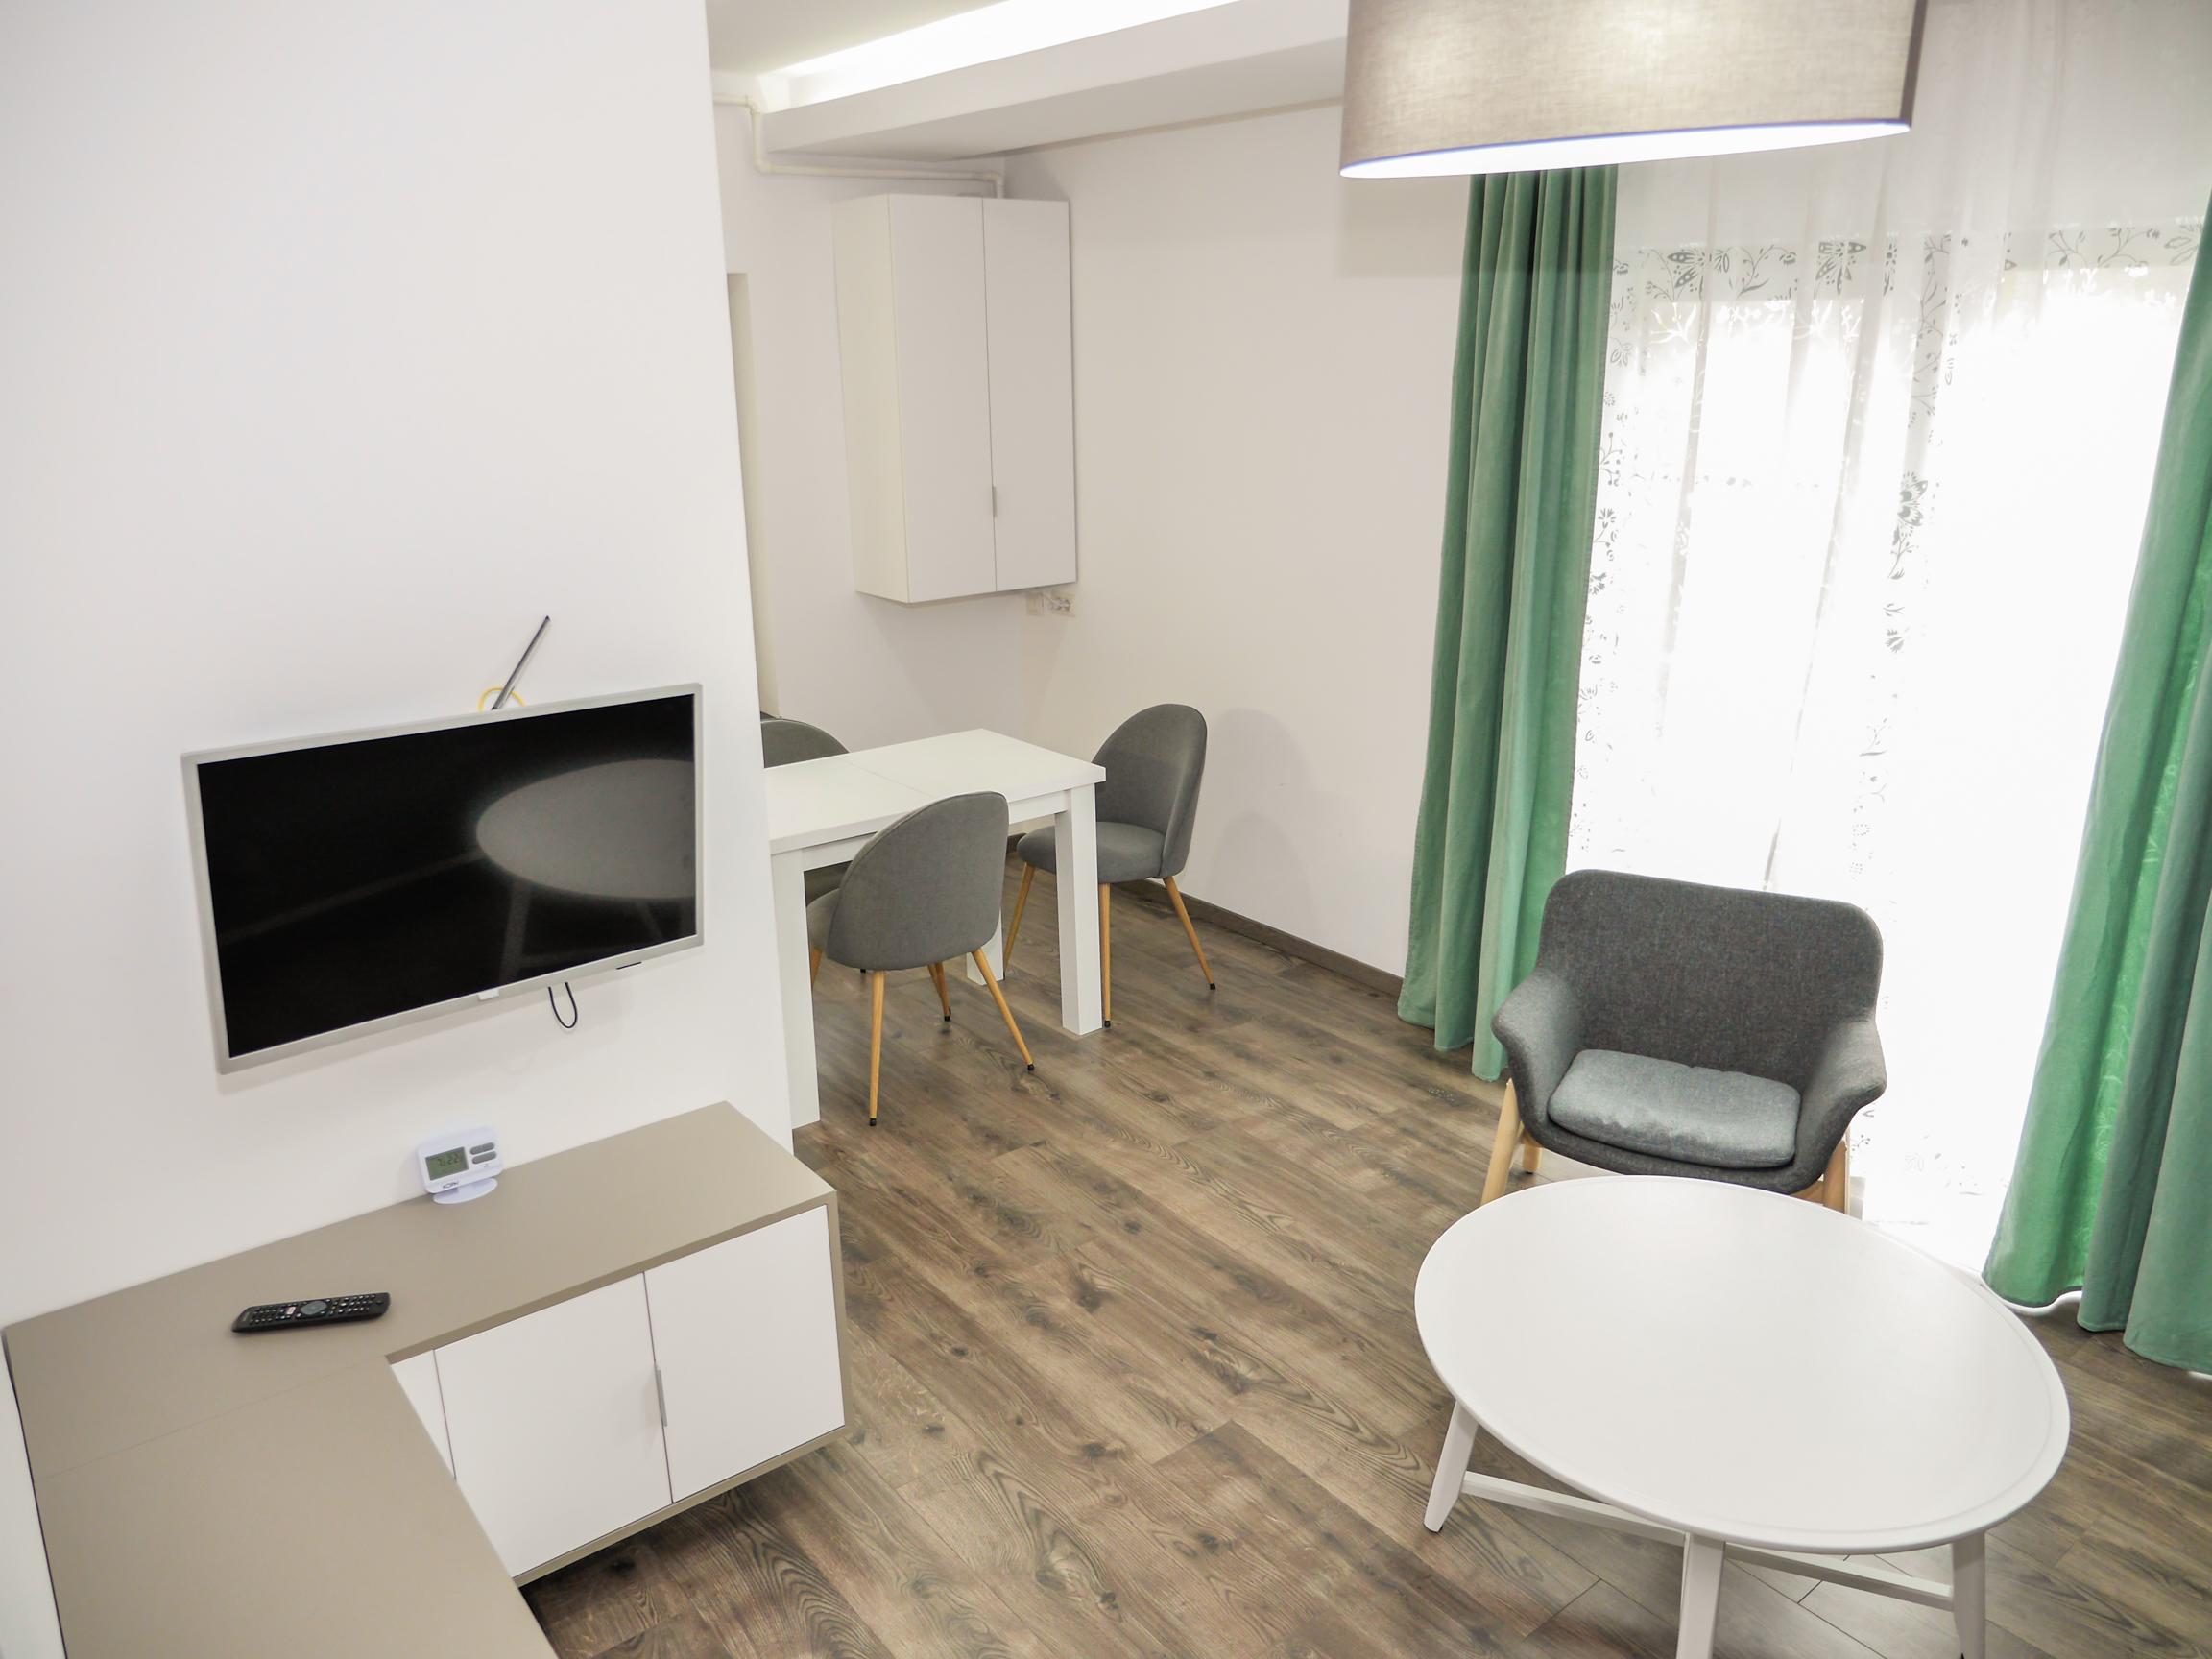 Clement Apartments - apartamente de inchiriat in regim hotelier - cazare neamt - cazare piatra neamt - apartament 9 (5)